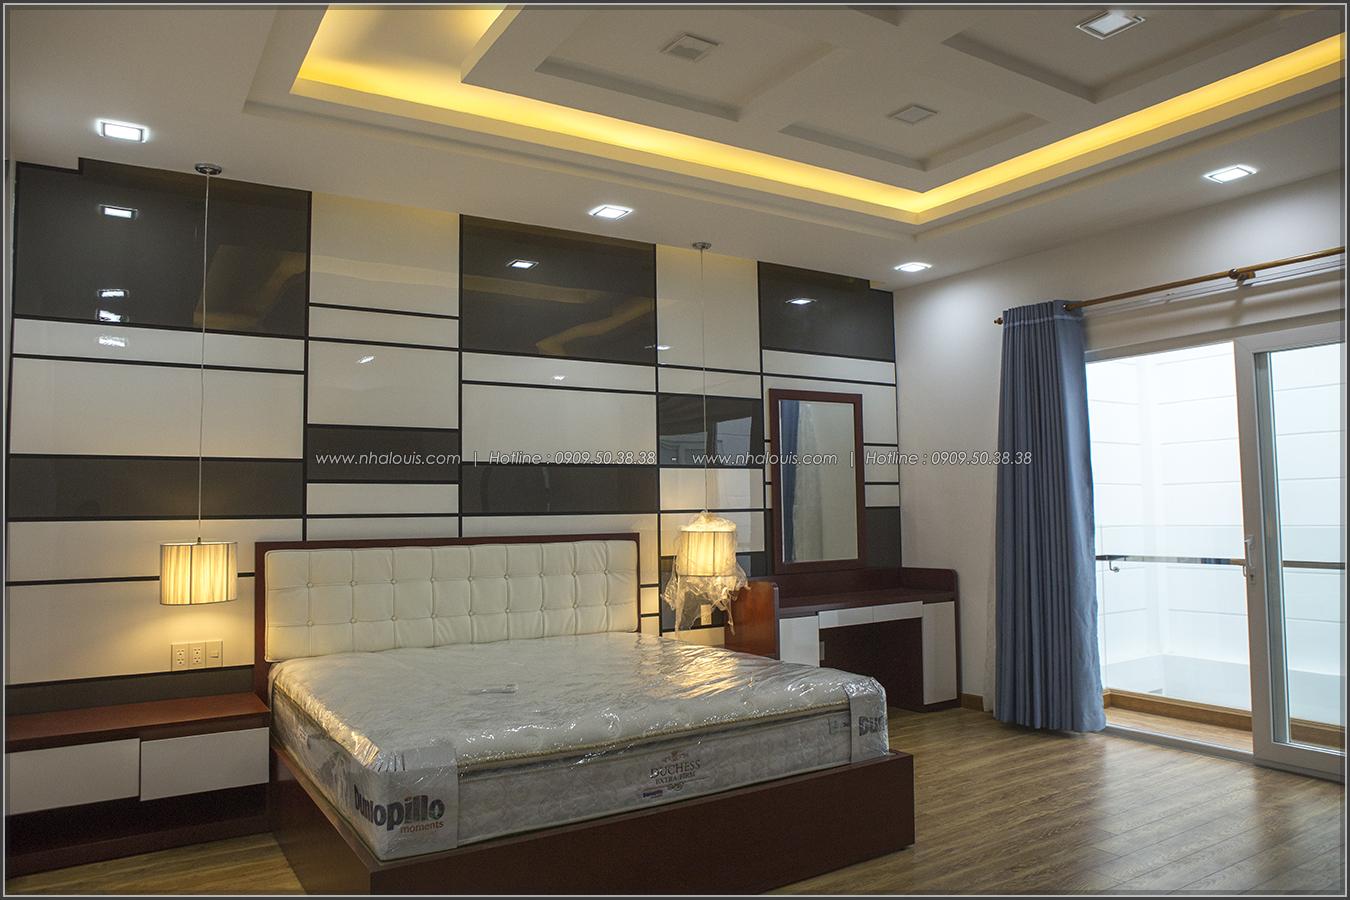 Thiết kế và thi công biệt thự phố đẹp với hồ bơi xanh mát tại Tân Bình - 33